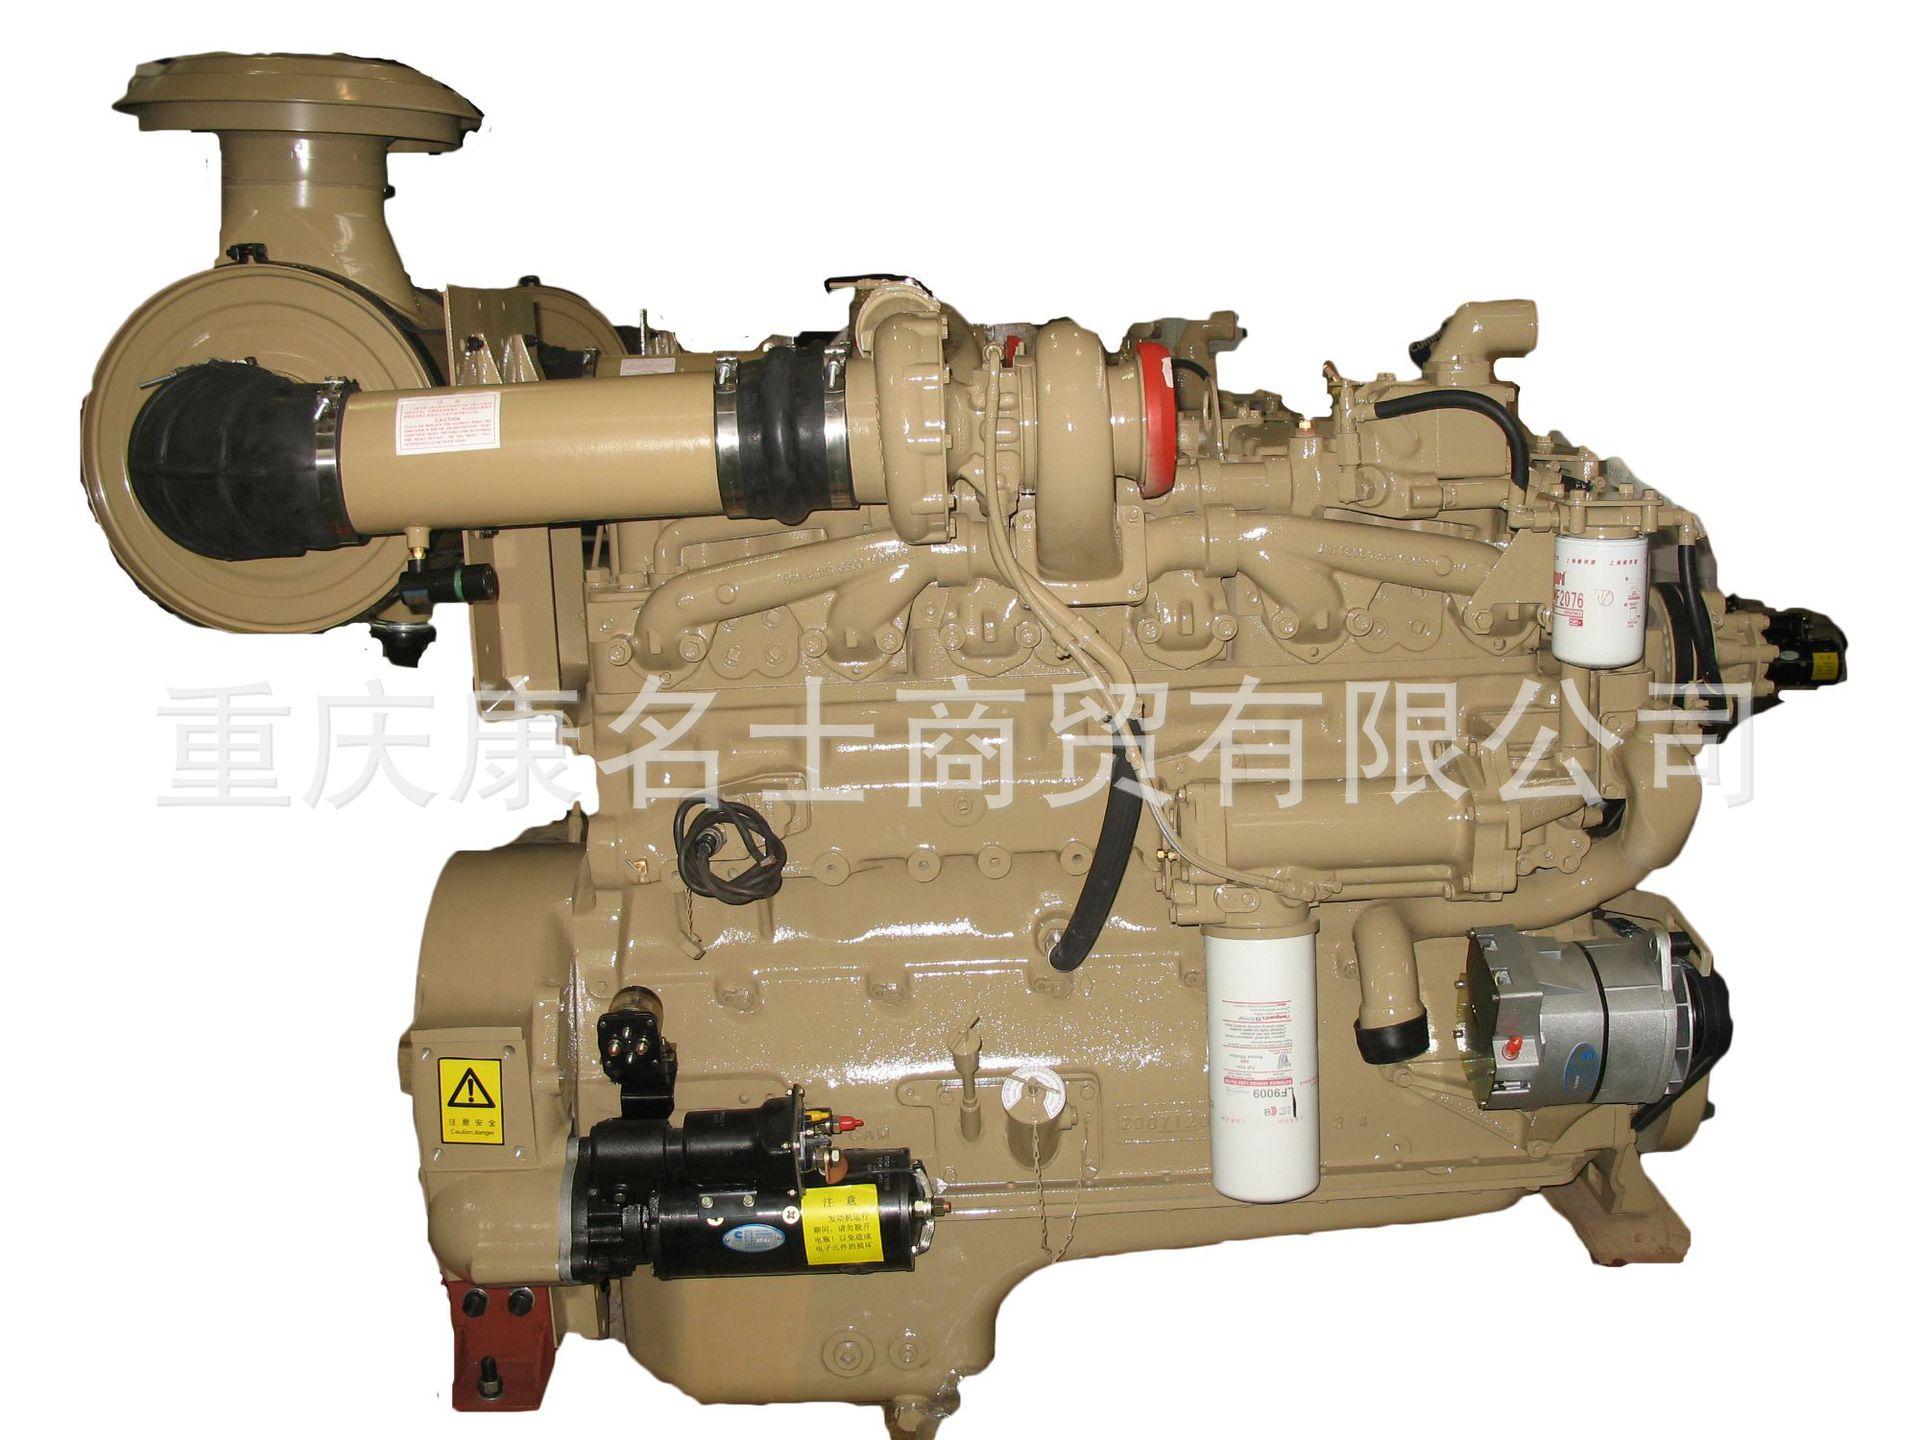 3280921康明斯过滤器支架6CT8.3-C发动机配件厂价优惠